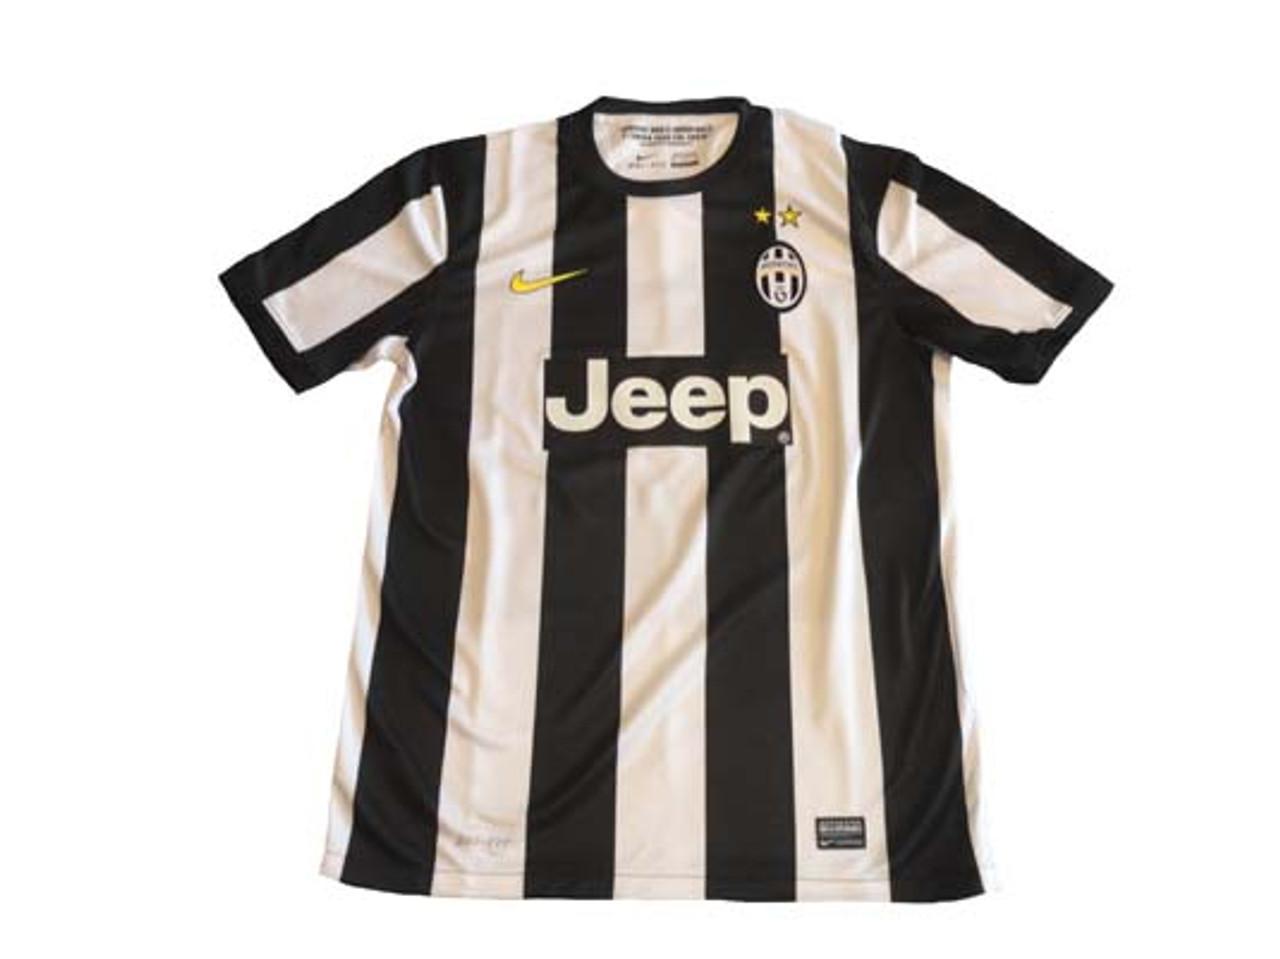 94043733427 NIKE JUVENTUS 2013 HOME JERSEY - Soccer Plus